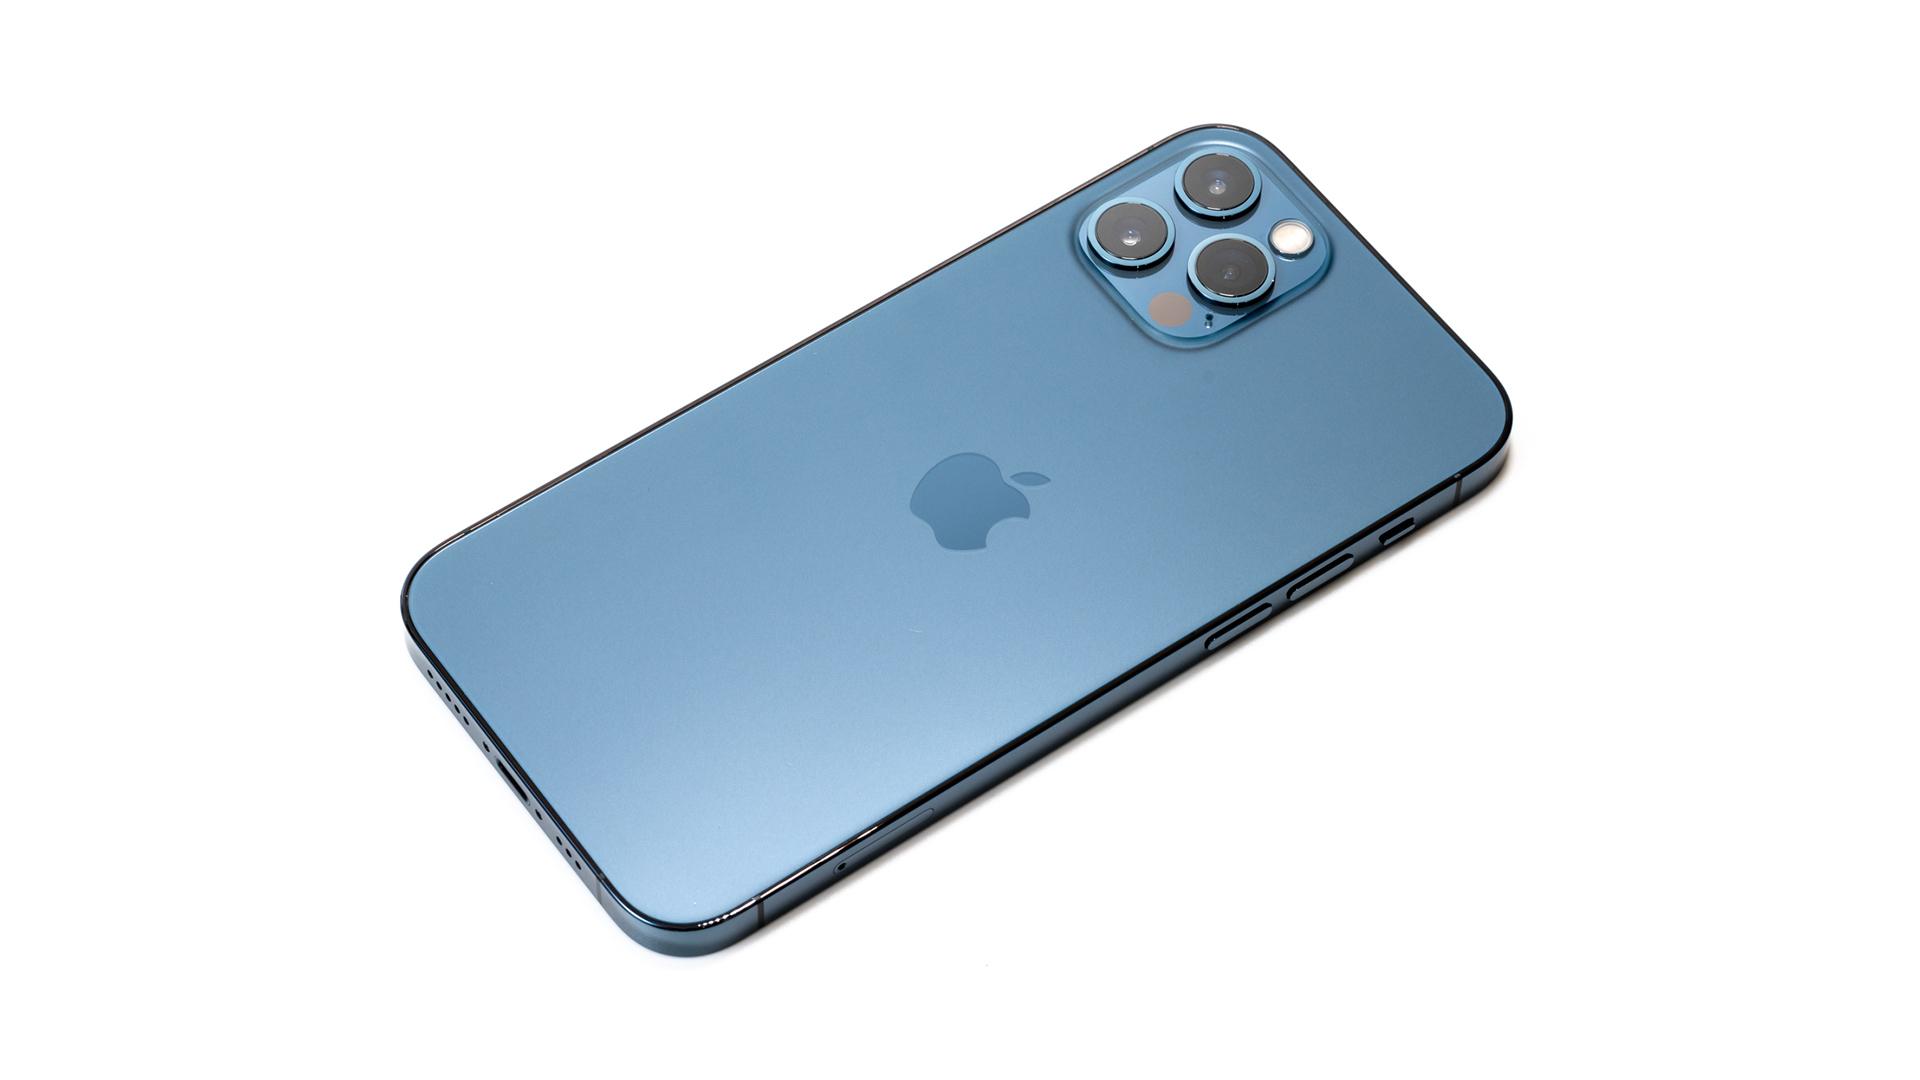 iPhone 12 Pro パシフィックブルー 開封&外観レビュー